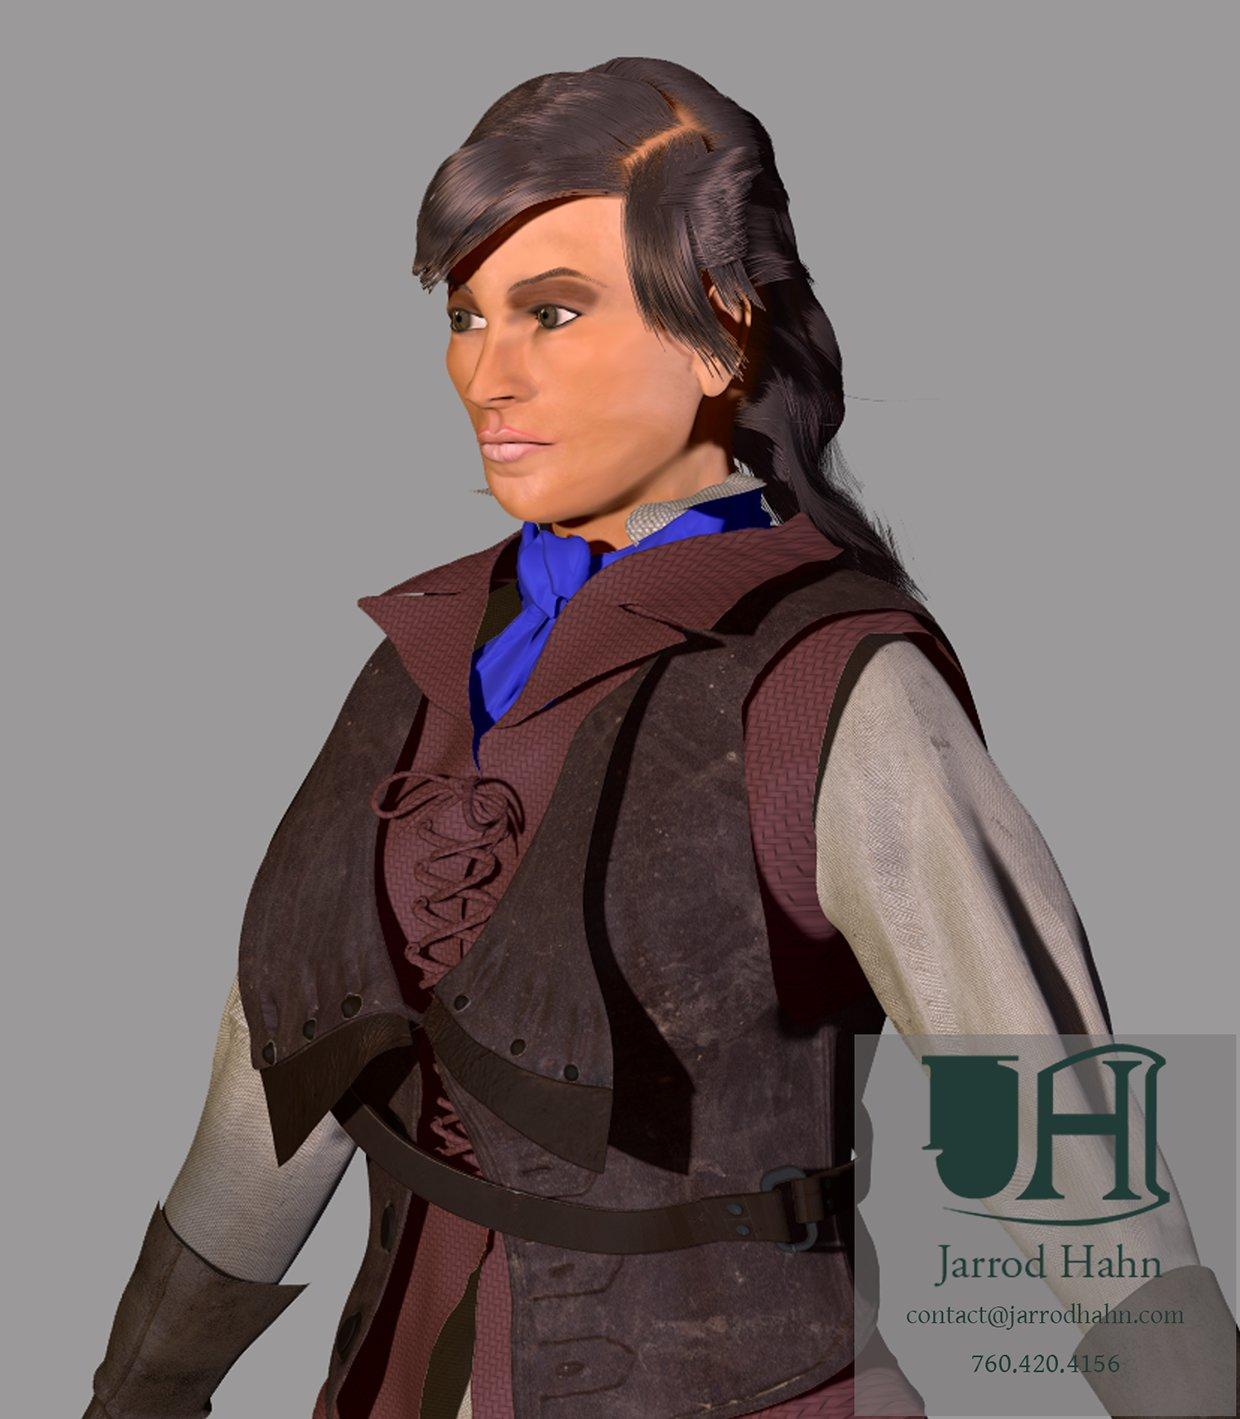 Jarrod hahn